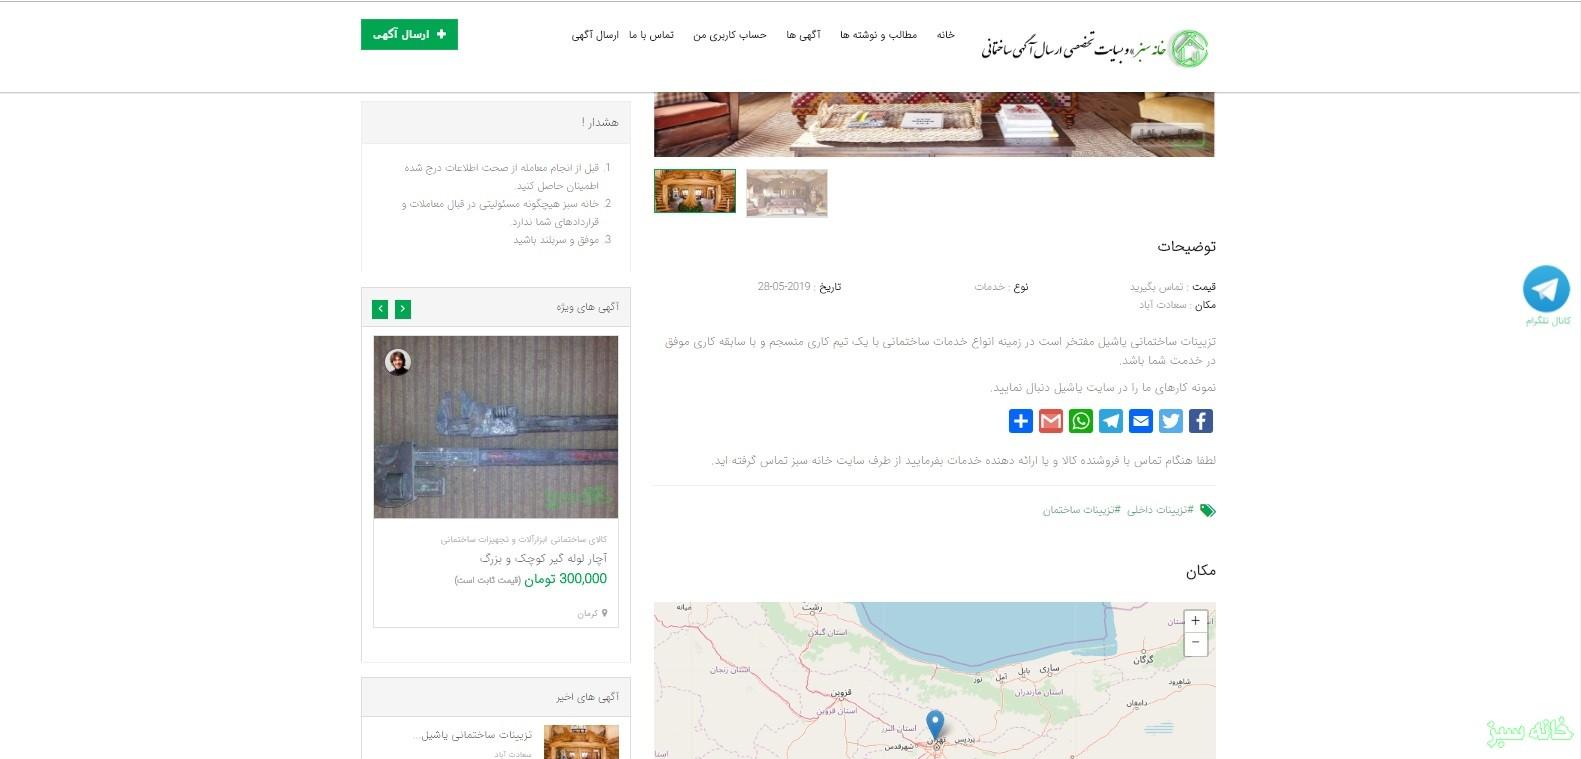 خانه سبز - وبسایت تخصصی ثبت آگهی